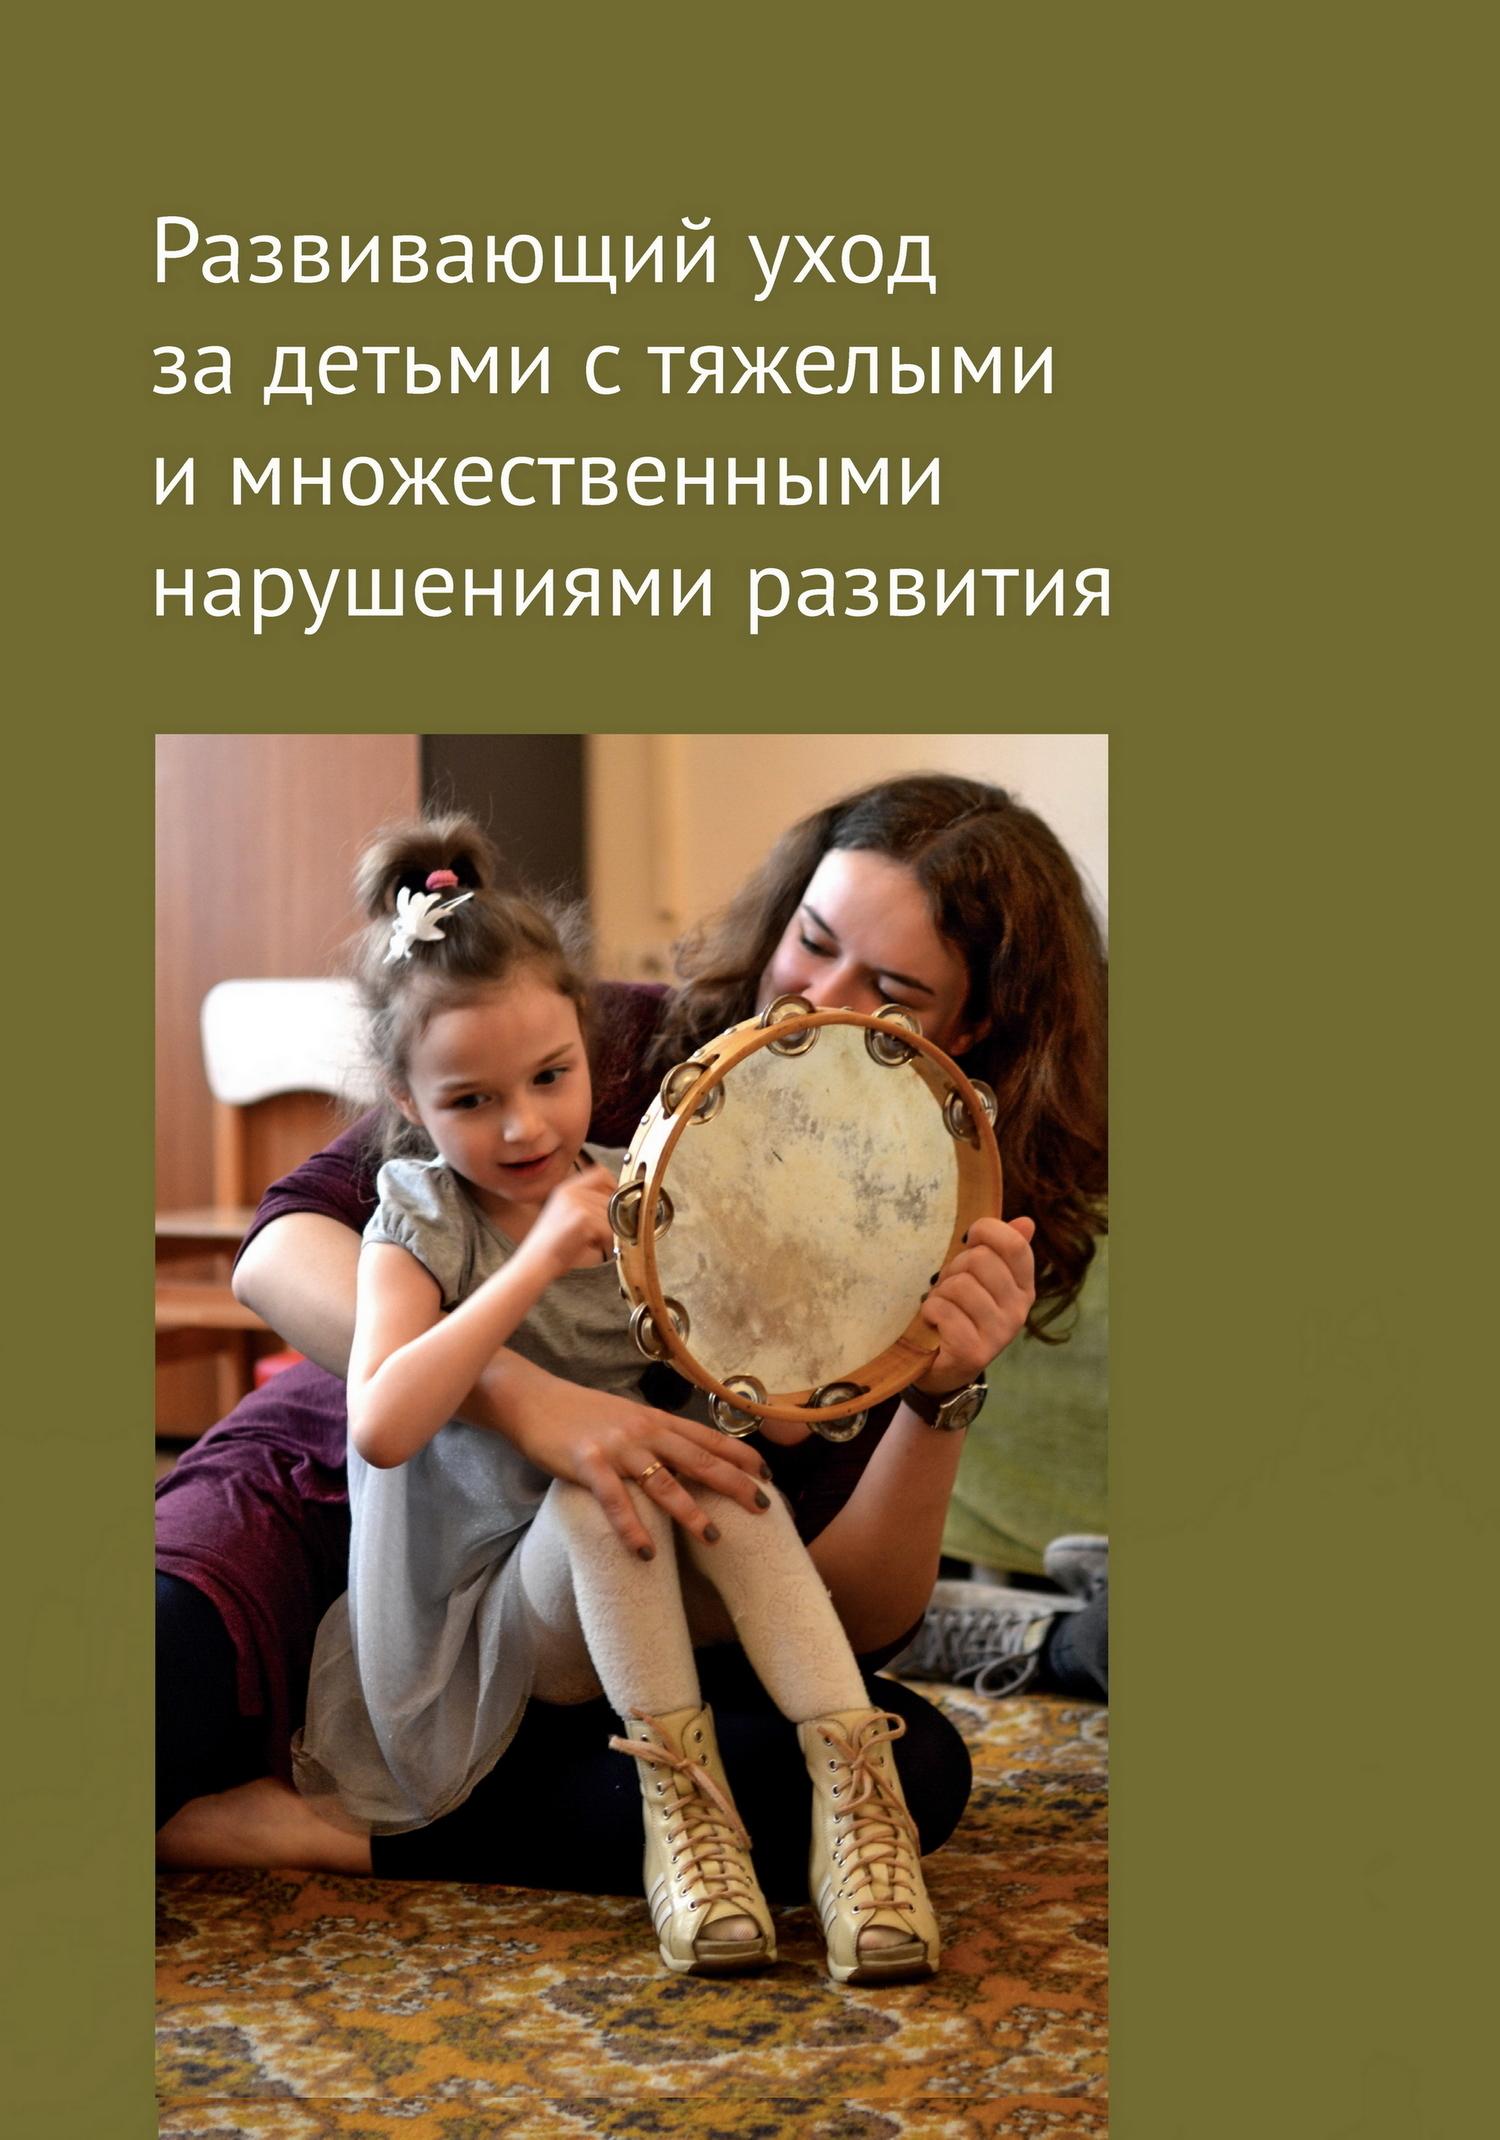 Коллектив авторов - Развивающий уход за детьми с тяжелыми и множественными нарушениями развития